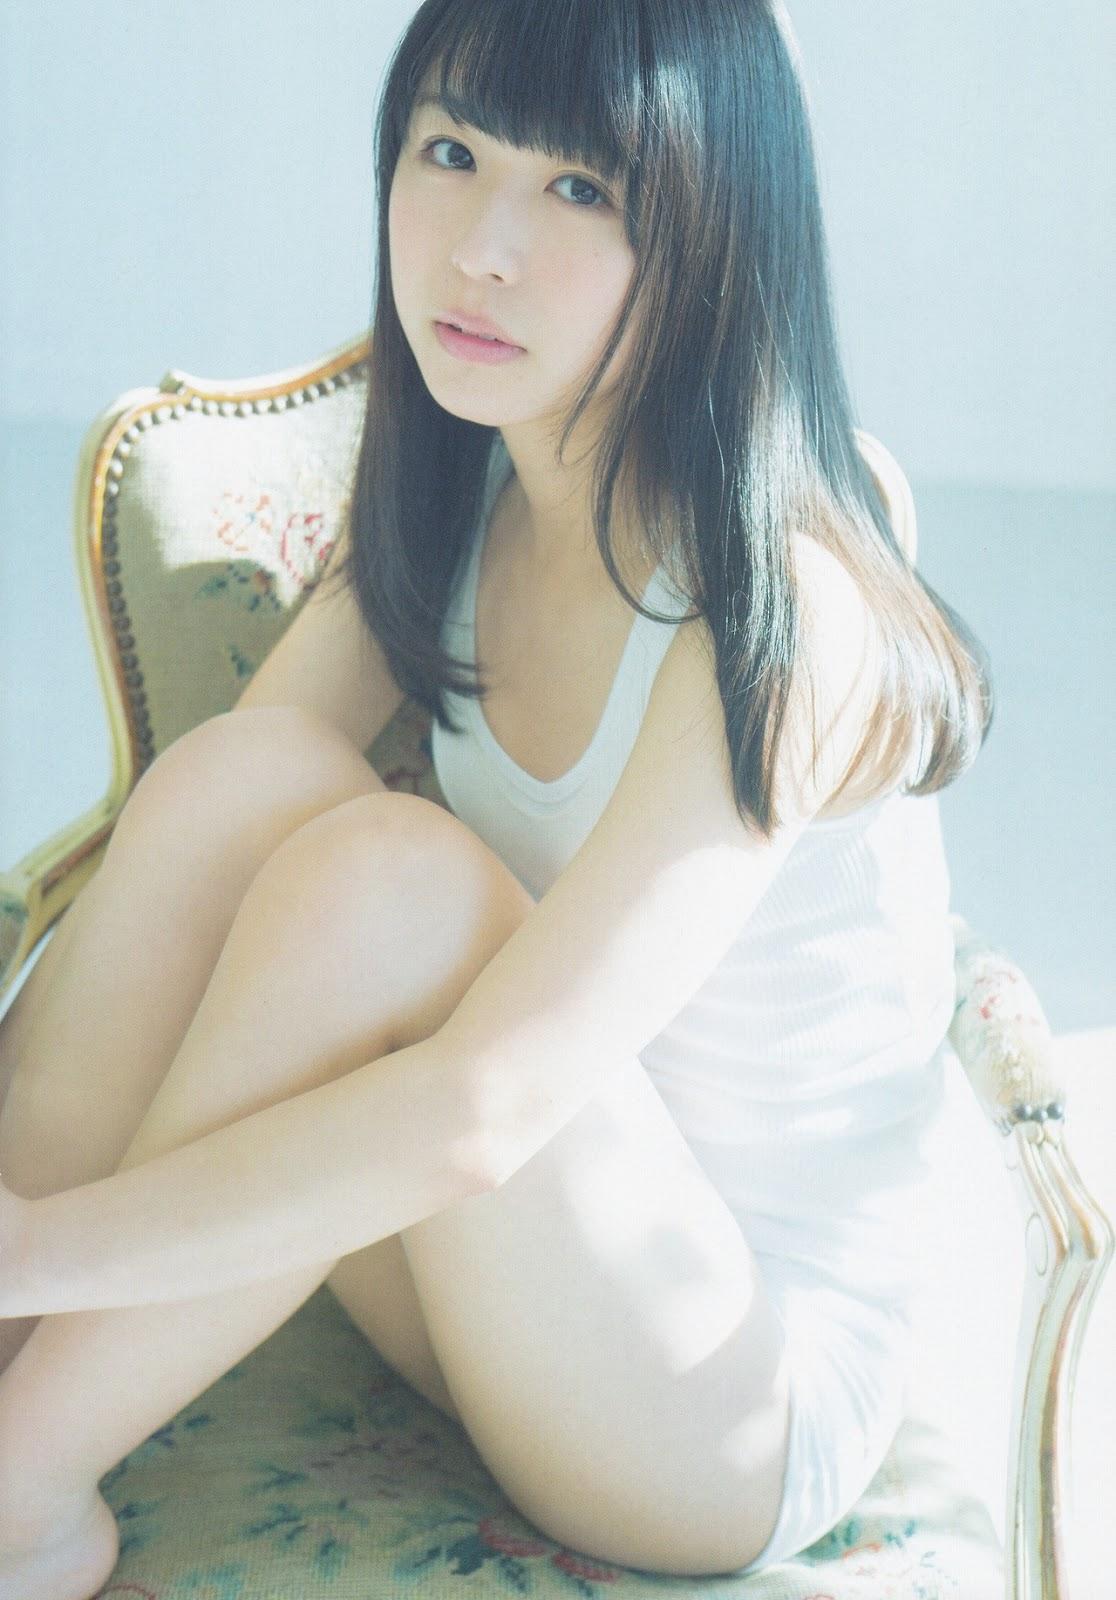 Nagahama Neru 長濱ねる Keyakizaka46, UTB+ 2017.05 Vol.37 (アップトゥボーイ プラス 2017年35号)